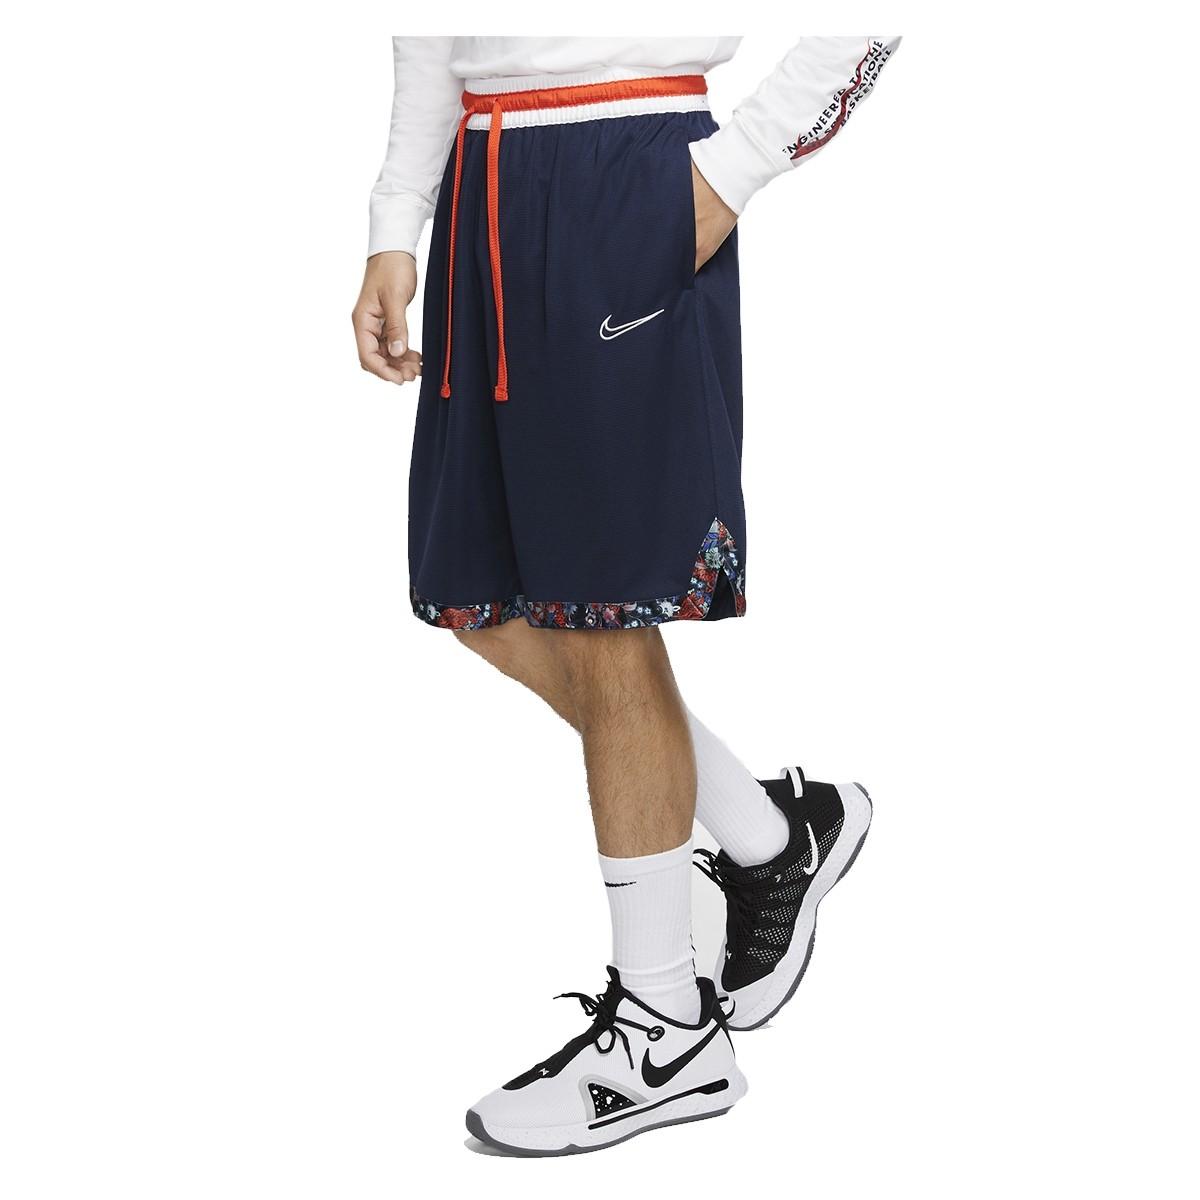 Nike DNA Short 'Floral Navy'